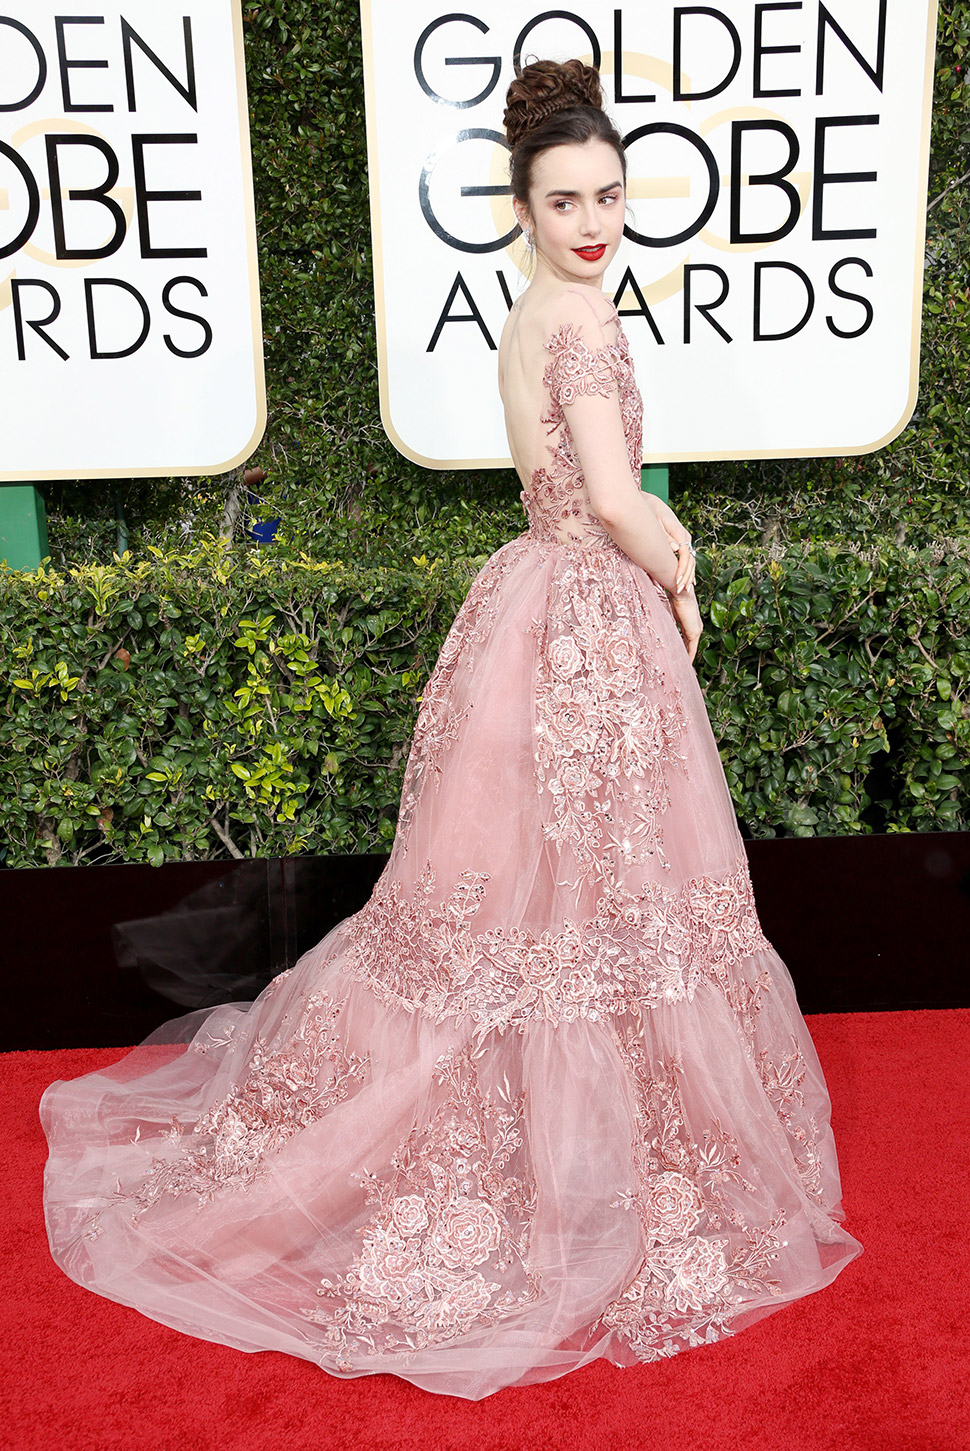 Лили Коллинз в роскошном платье Zuhair Murad.